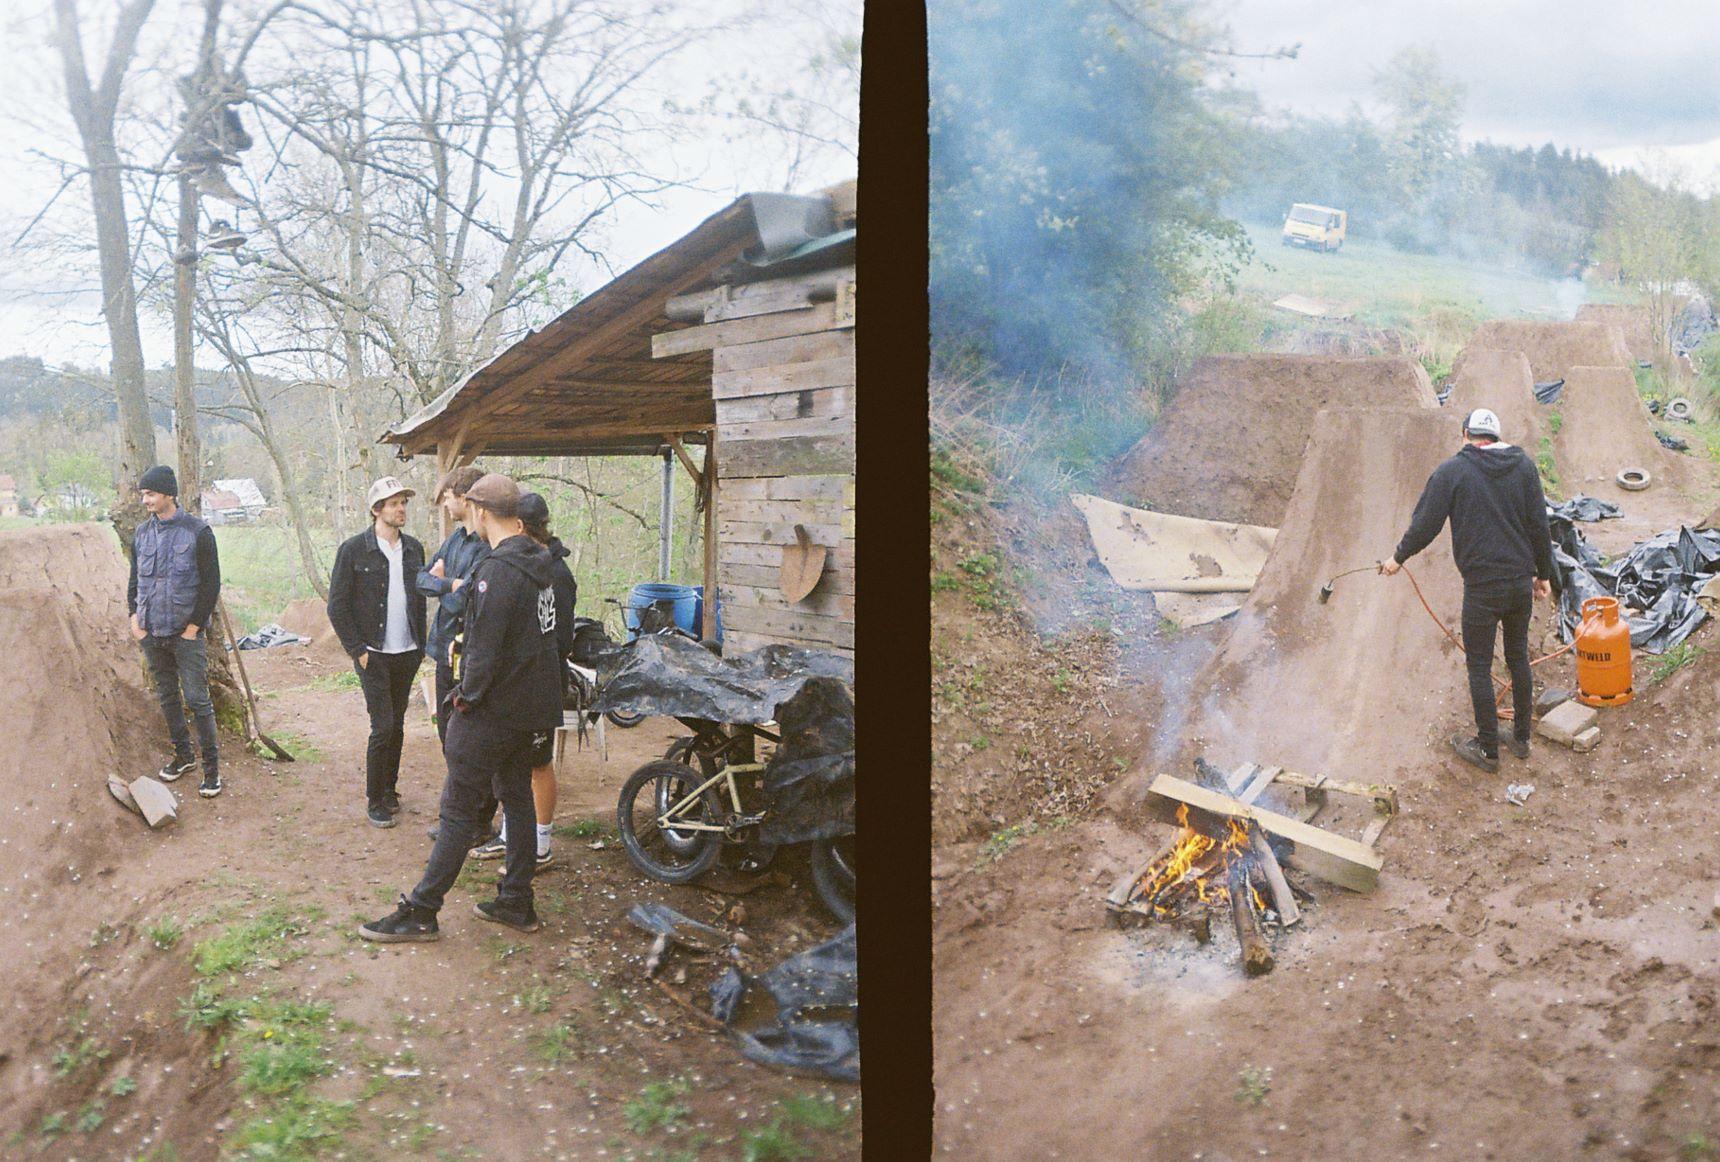 053_hořák a ohně jedou asi 20minut po ukončení akce vyvoz bazén vody na kopec na spot